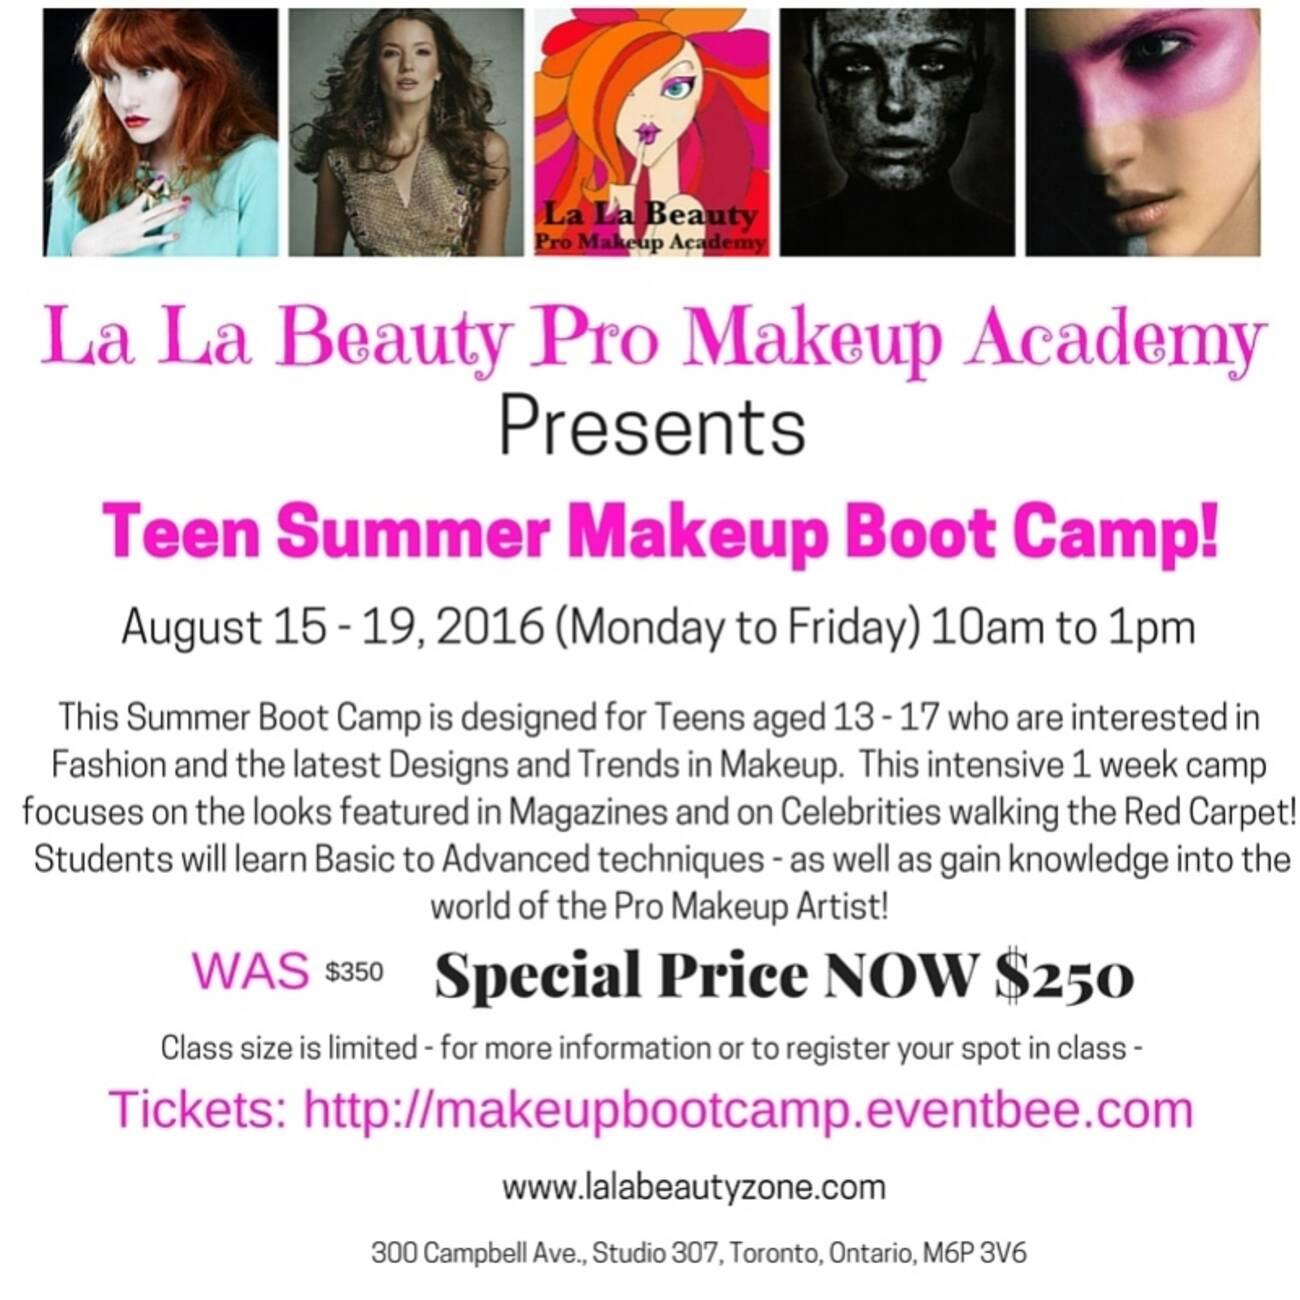 Teen Summer Makeup Boot Camp